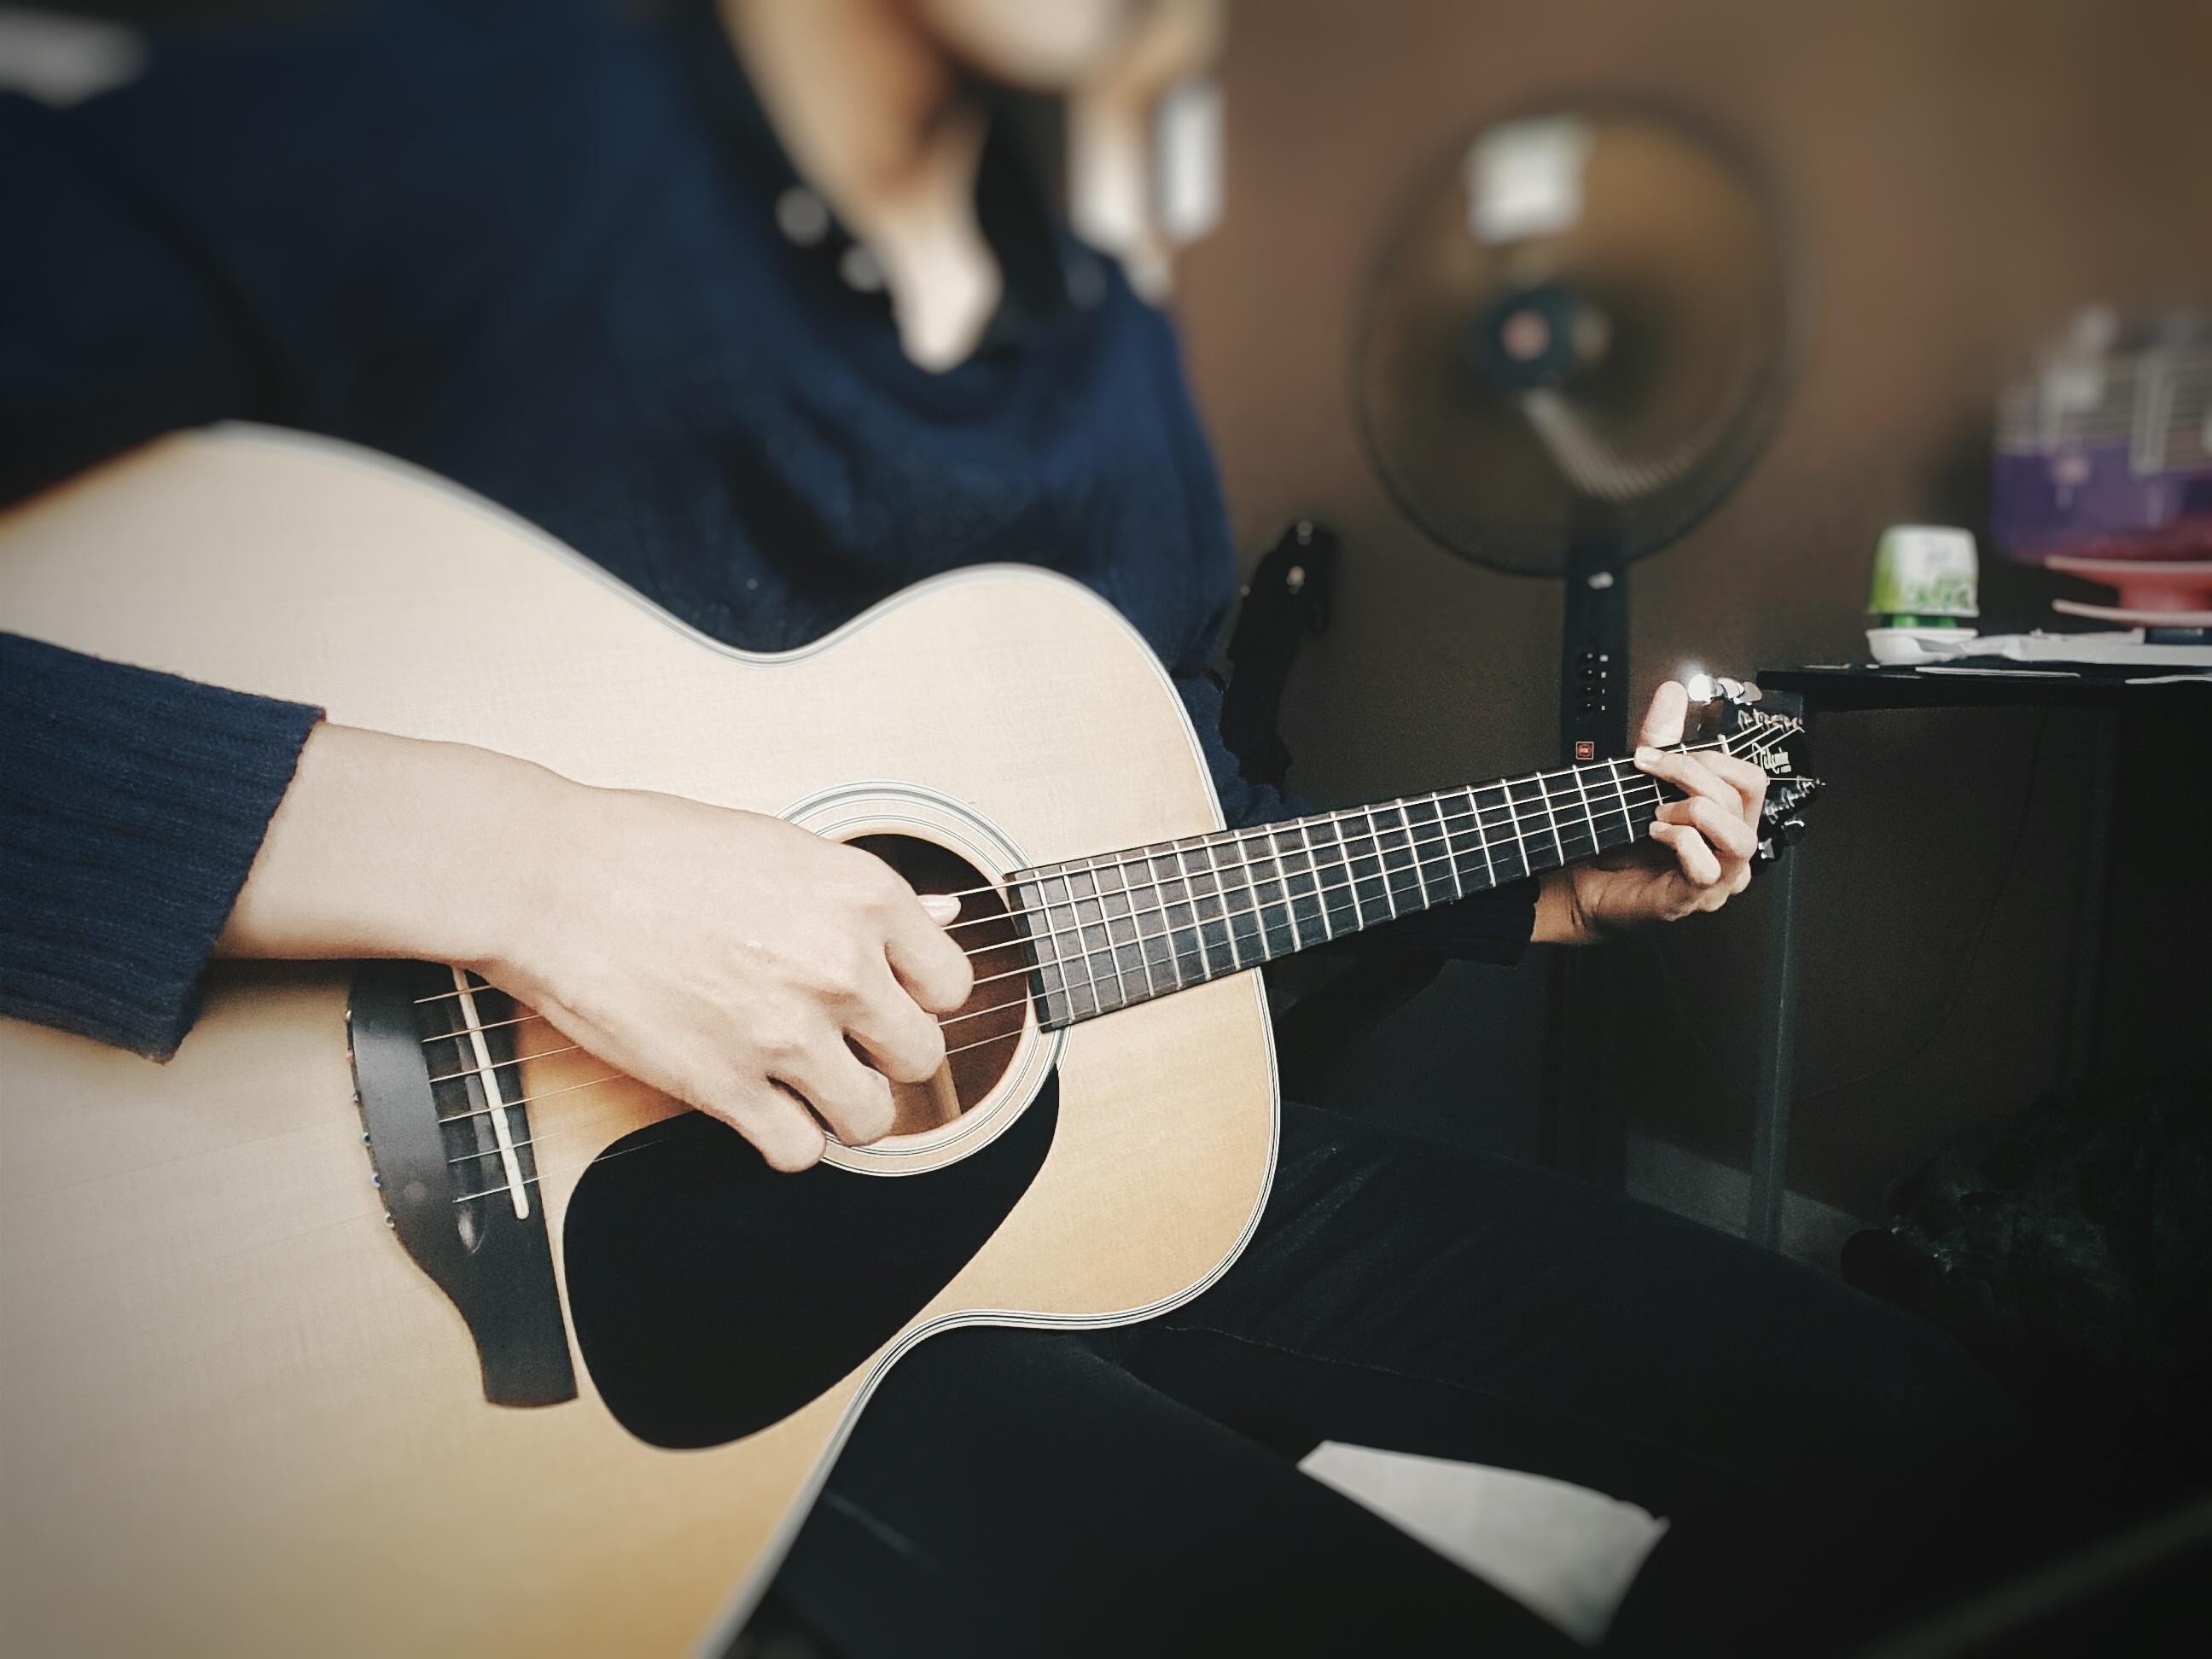 про гитару фото улучшали свое здоровье